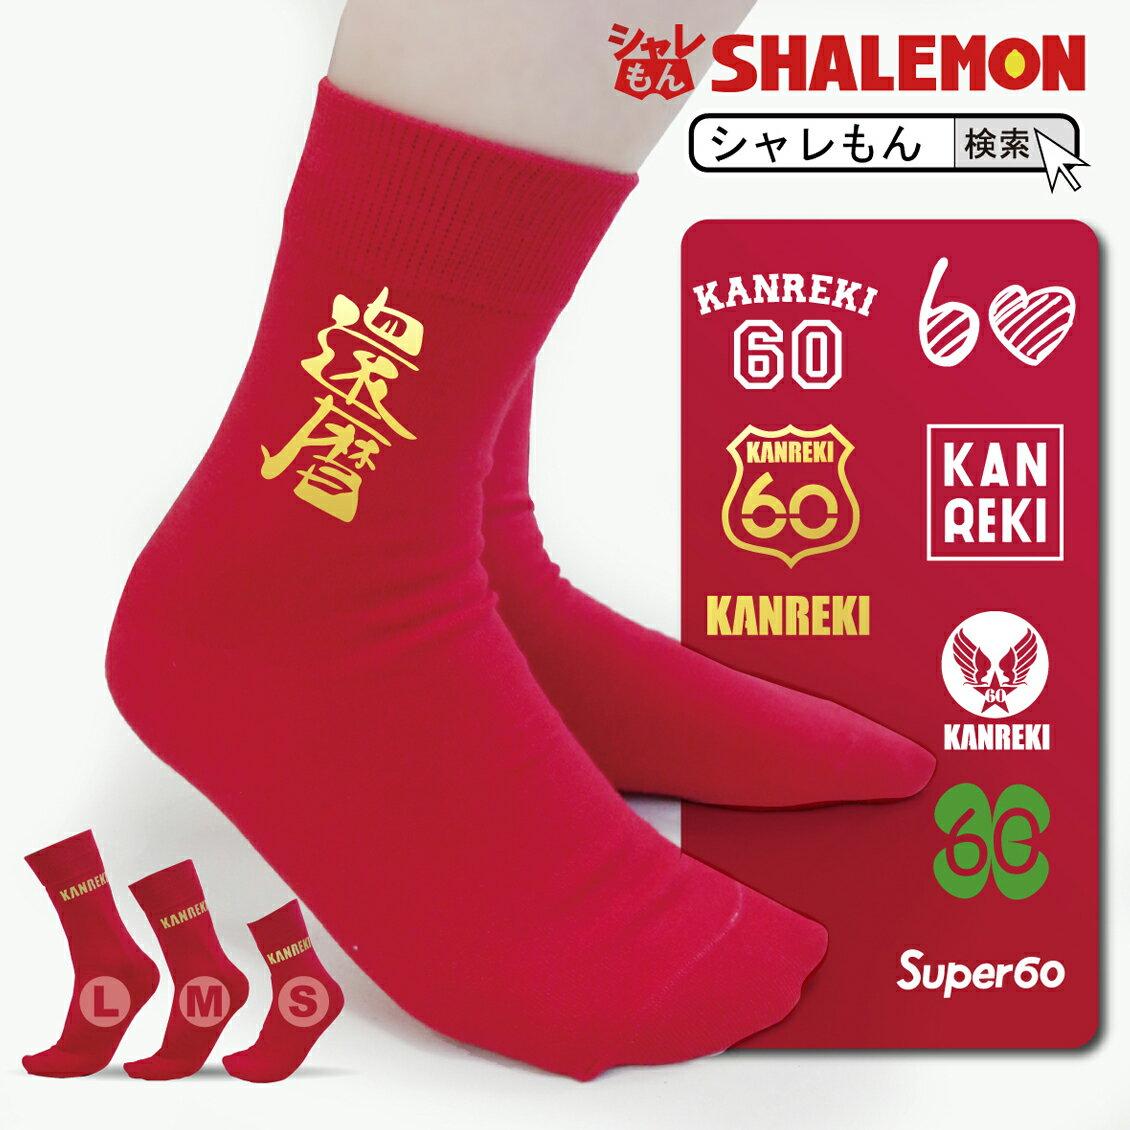 還暦祝い 父 母 還暦 赤い ソックス 【選べるデザイン靴下・ソックス】 男性 女性 還暦 プレゼント ちゃんちゃんこ の代わりに kannreki 02P02Sep17